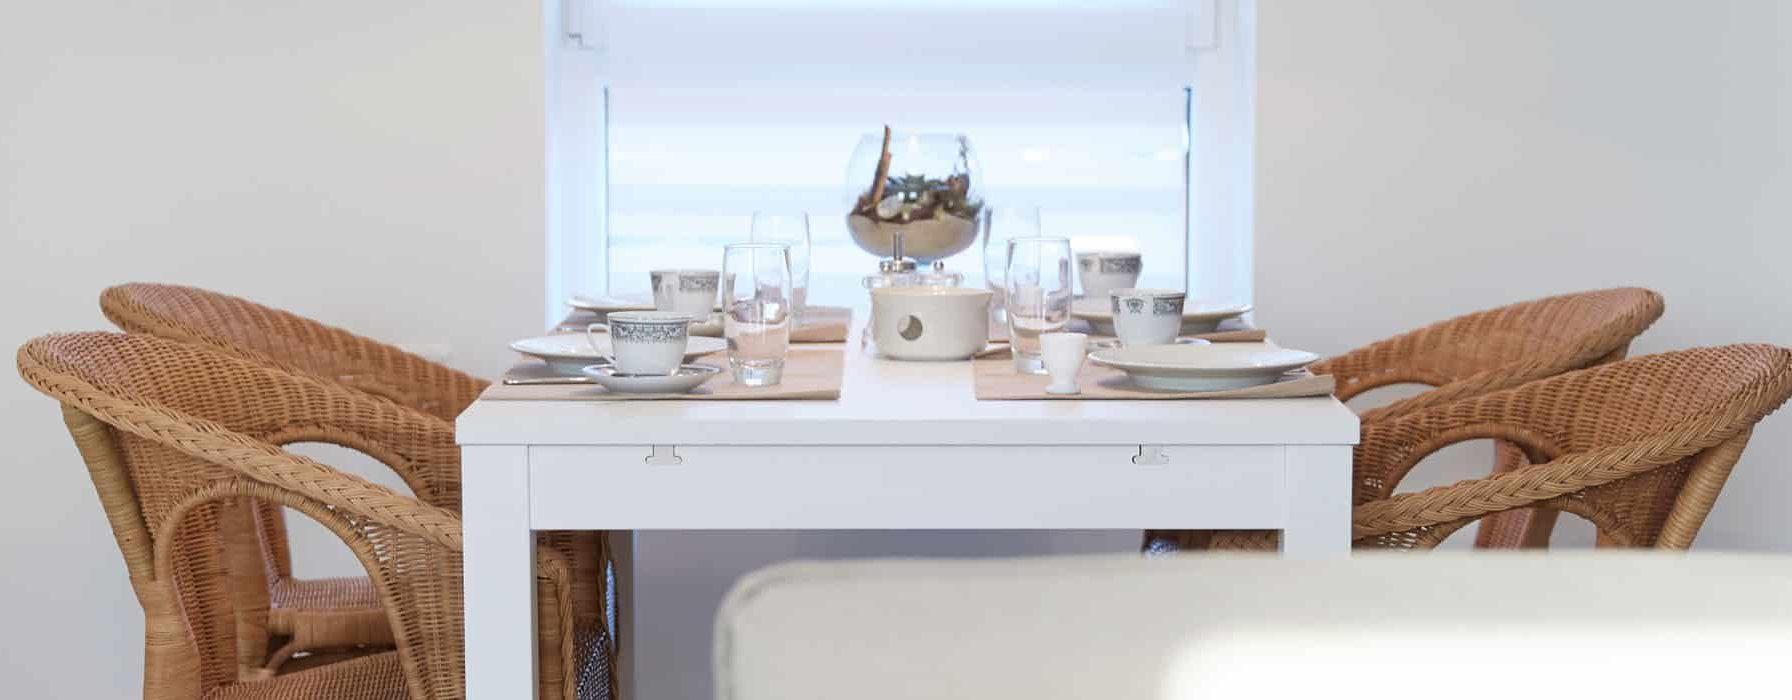 Der Essbereich mit Tisch und Stühlen